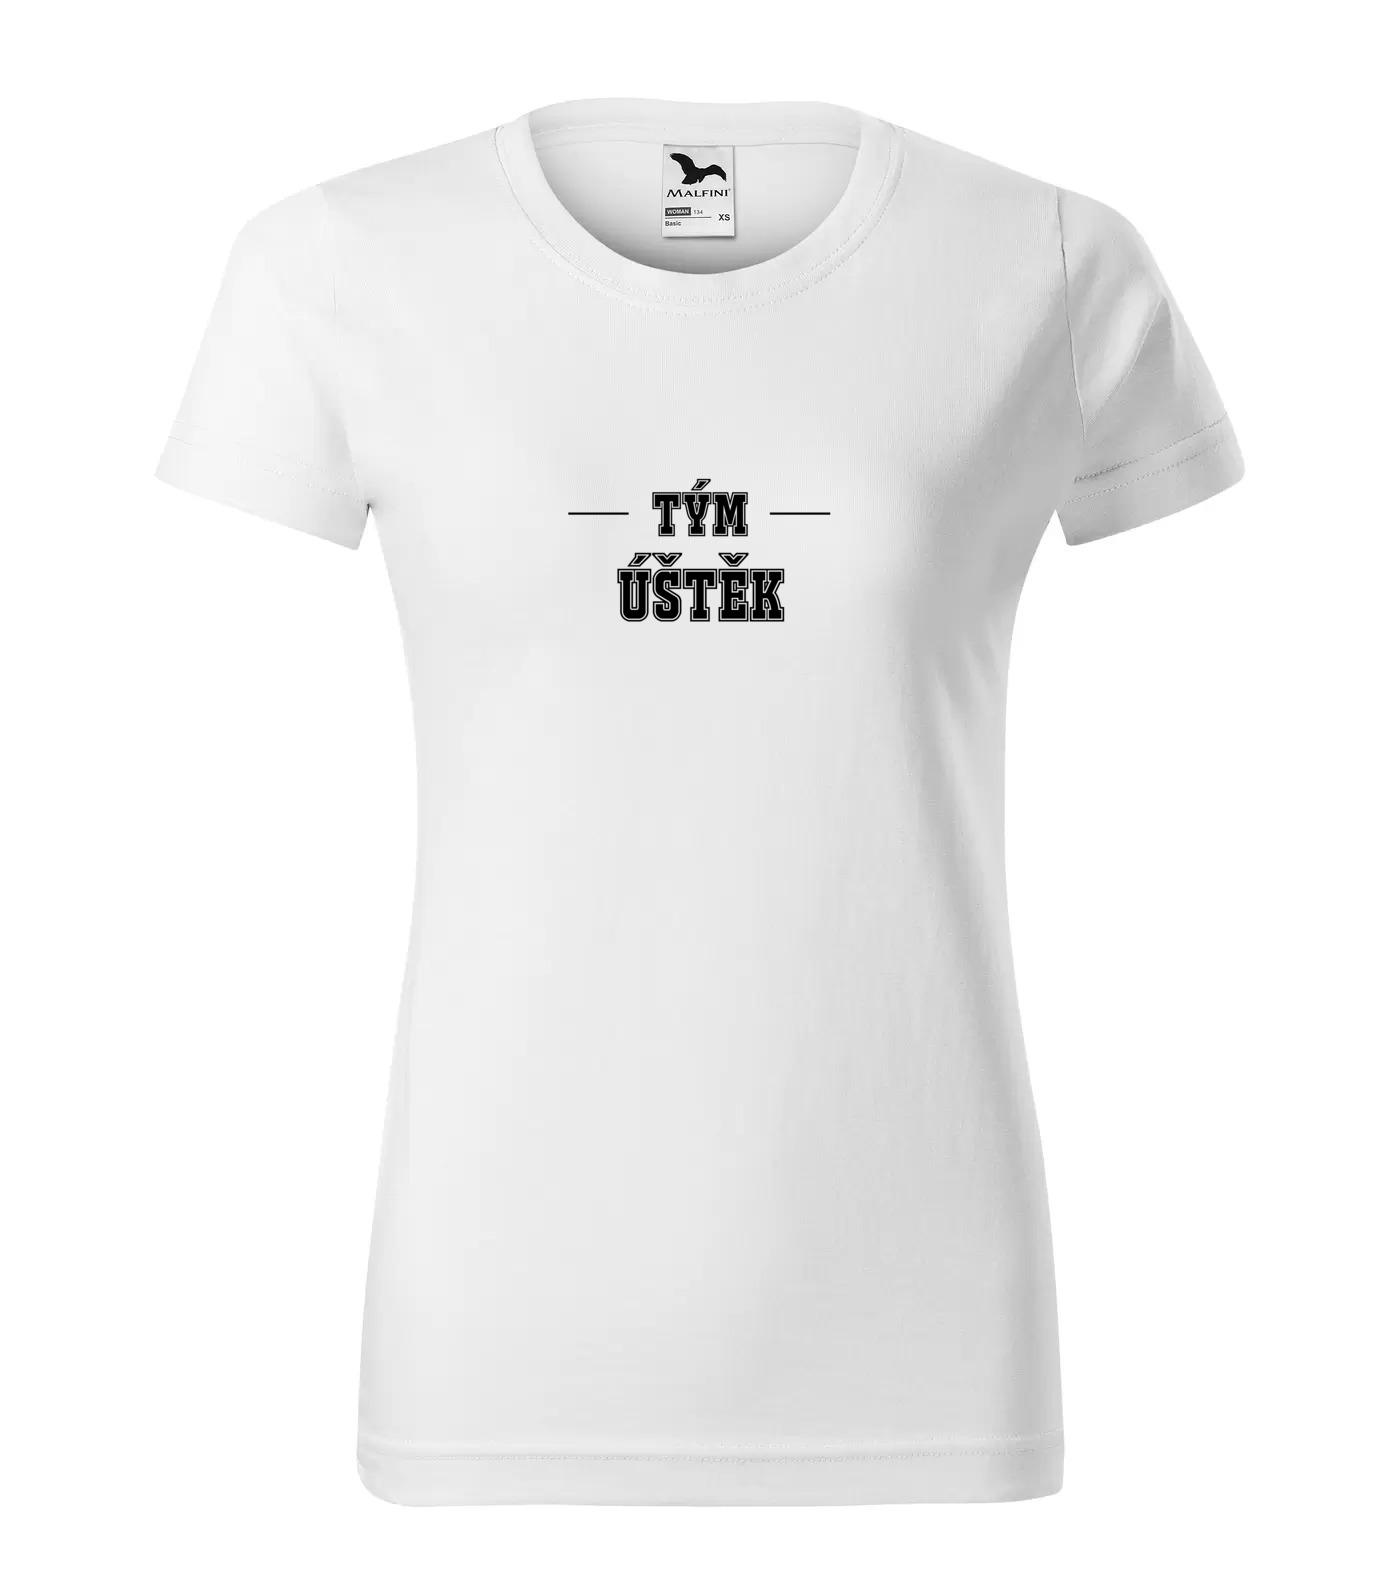 Tričko Tým Úštěk